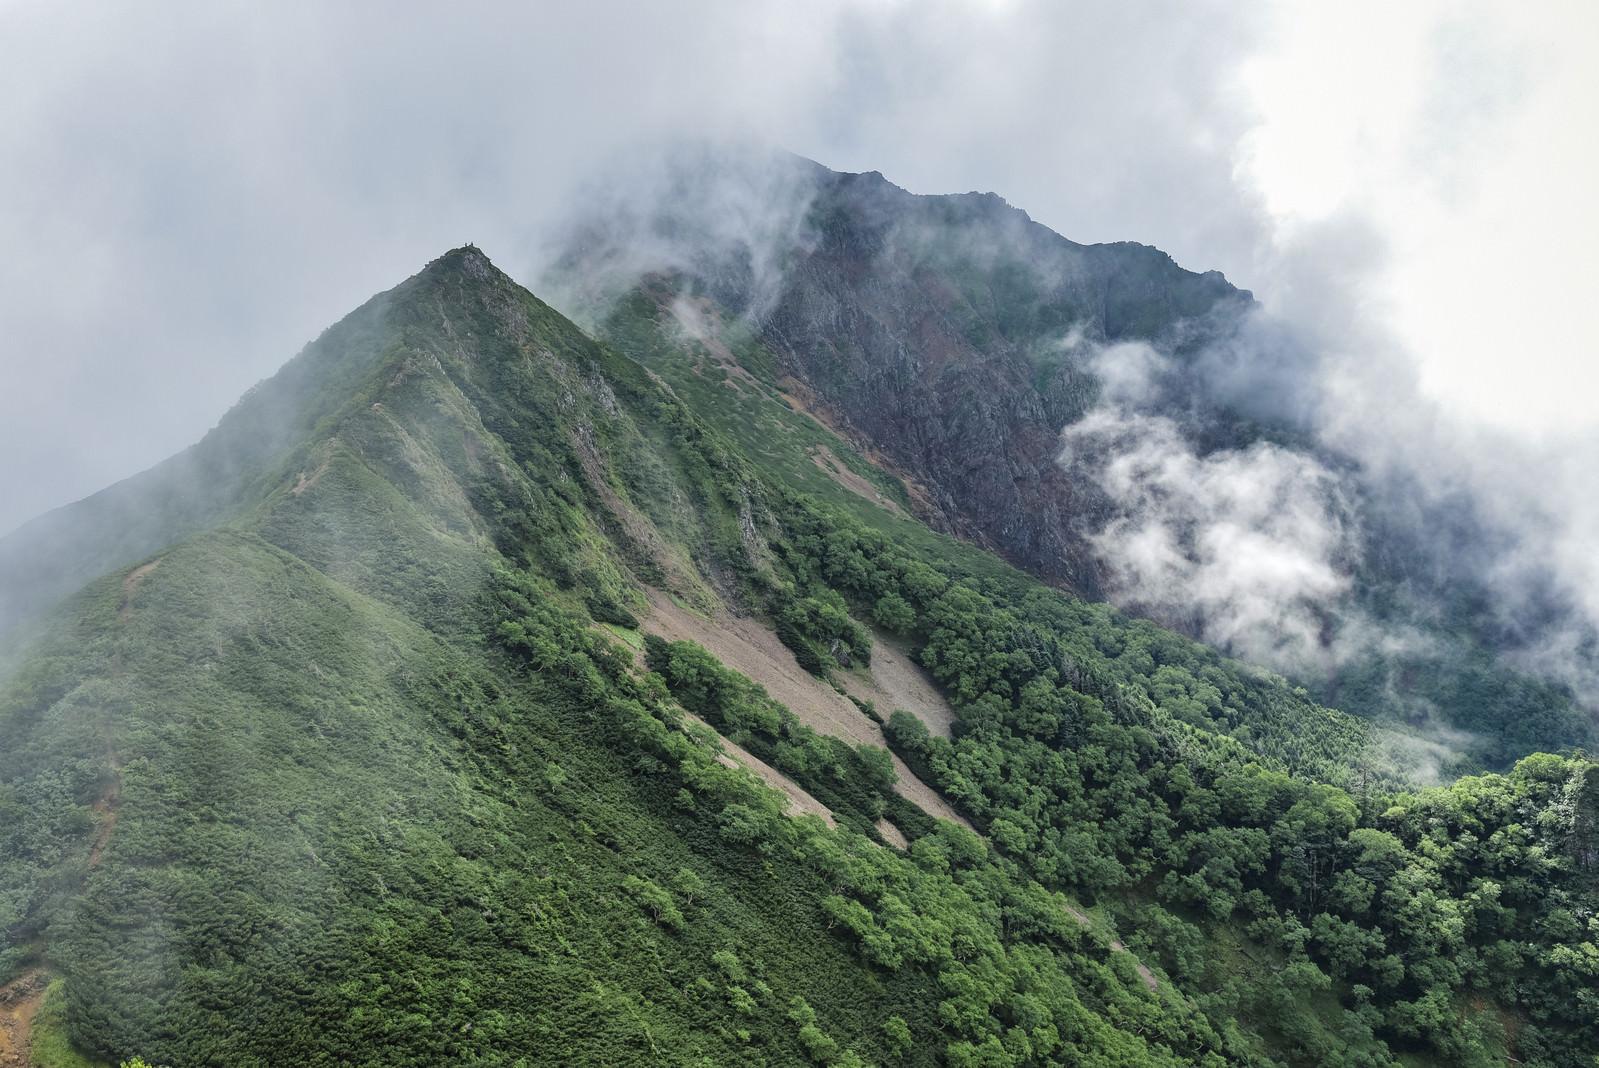 「湧き上がる雲に包まれる深い緑に包まれた八ヶ岳登山道(赤岳)」の写真